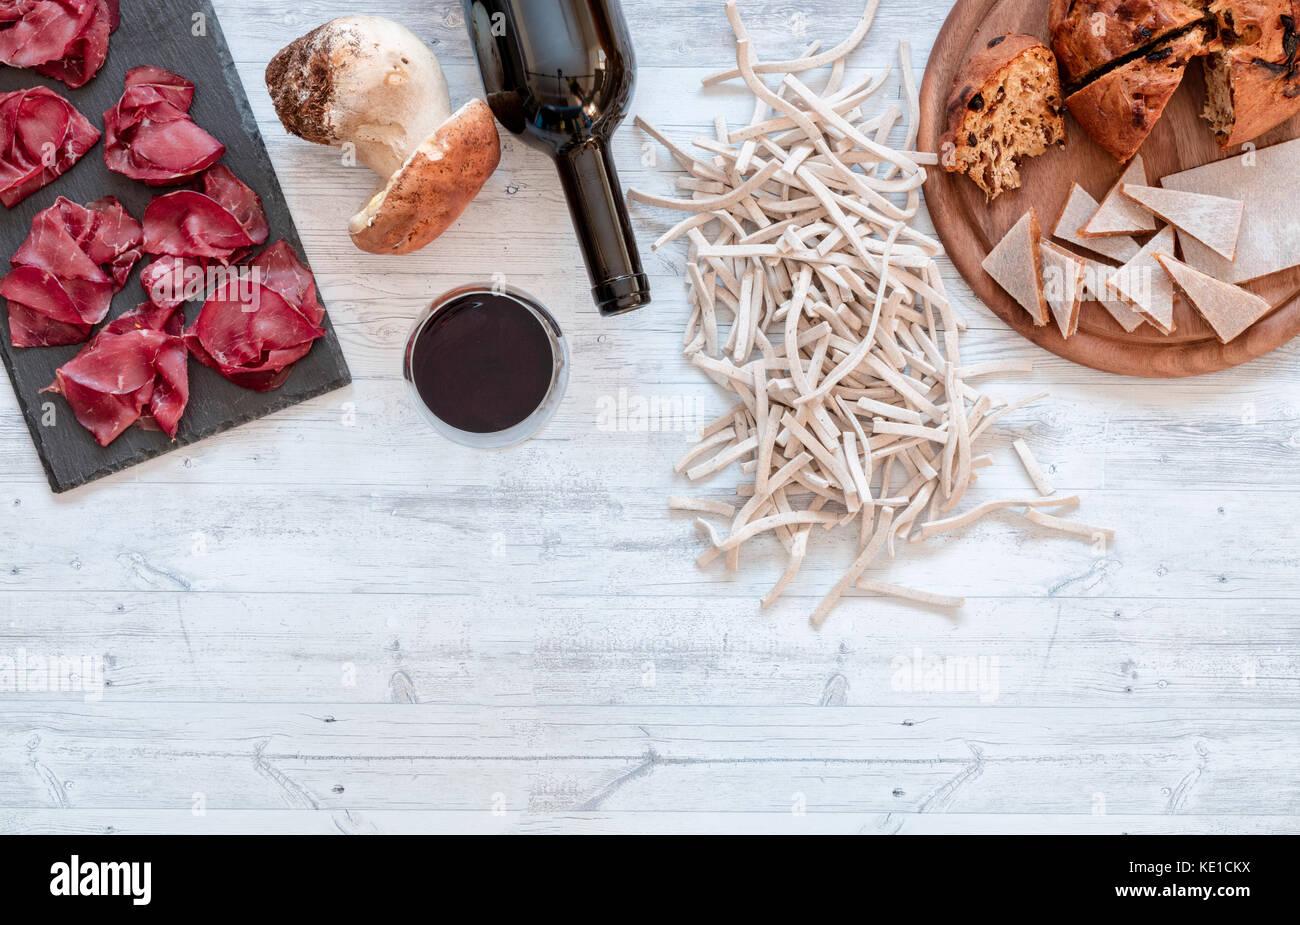 La bresaola igp accompagnato con un bicchiere di vino rosso, pizzoccheri, funghi e besciola, cibo locale della valtellina, Immagini Stock